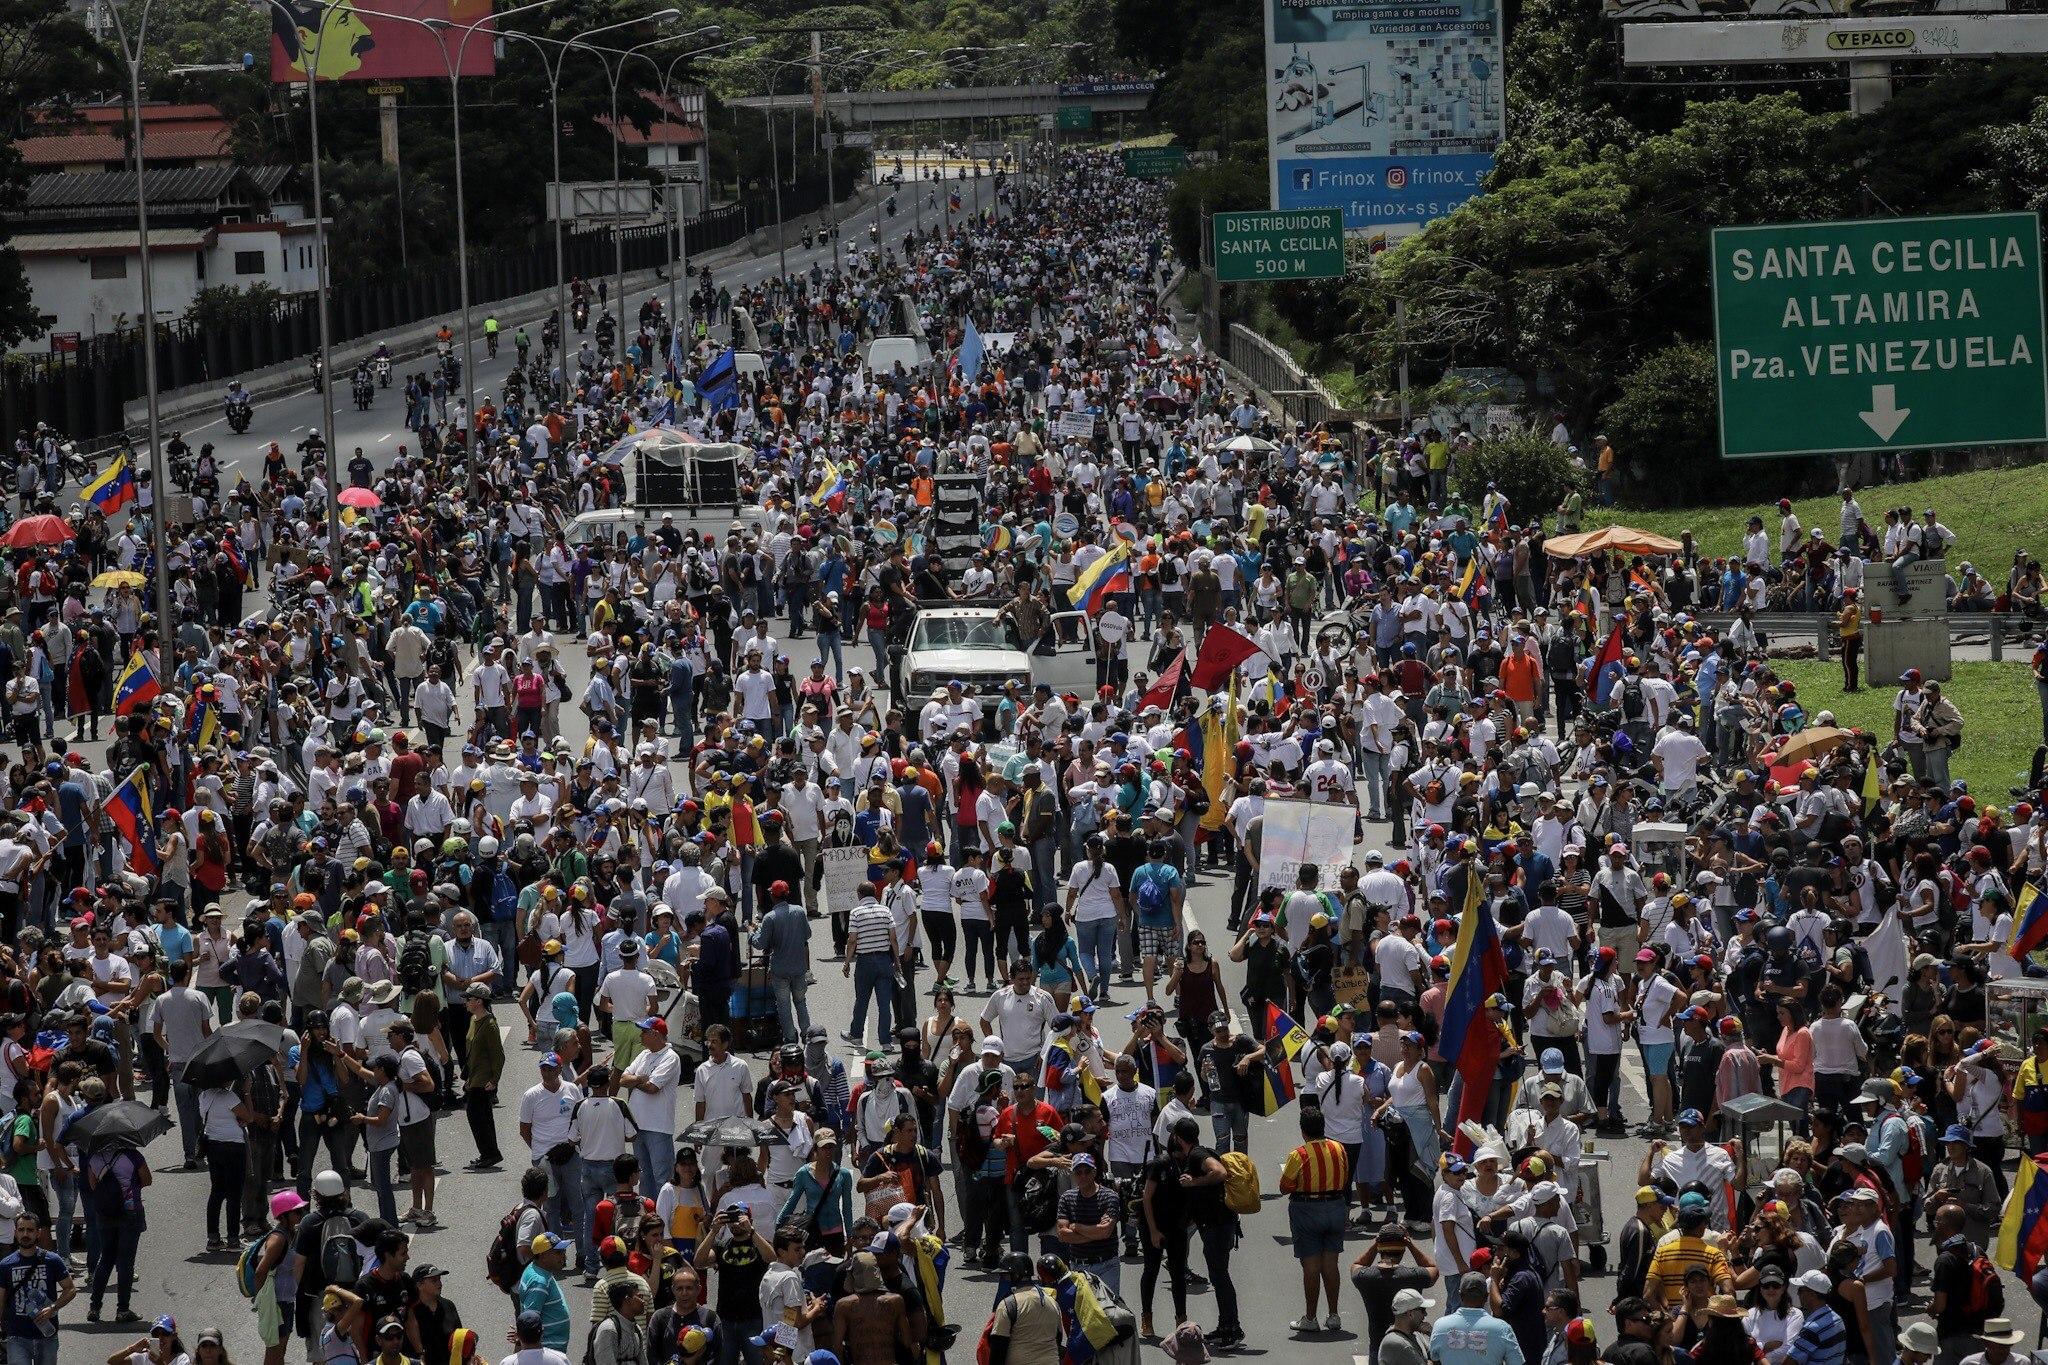 CAR06. CARACAS (VENEZUELA), 01/07/2017.- Manifestantes opositores participan en una marcha hoy, sábado 1 de julio de 2017, en Caracas (Venezuela). La oposición venezolana realiza hoy una concentración en Caracas como protesta contra la solicitud de antejuicio de mérito contra la fiscal de ese país, Luisa Ortega Díaz, que el Tribunal Supremo de Justicia (TSJ) admitió el pasado 20 de junio y con lo que la funcionaria podría ser enjuiciada. La coalición opositora Mesa de la Unidad Democrática (MUD) invitó a las personas a concentrarse en el este de Caracas, específicamente en la autopista Francisco Fajardo, principal arteria vial de la capital, a la altura de Los Ruices. EFE/Miguel Gutiérrez